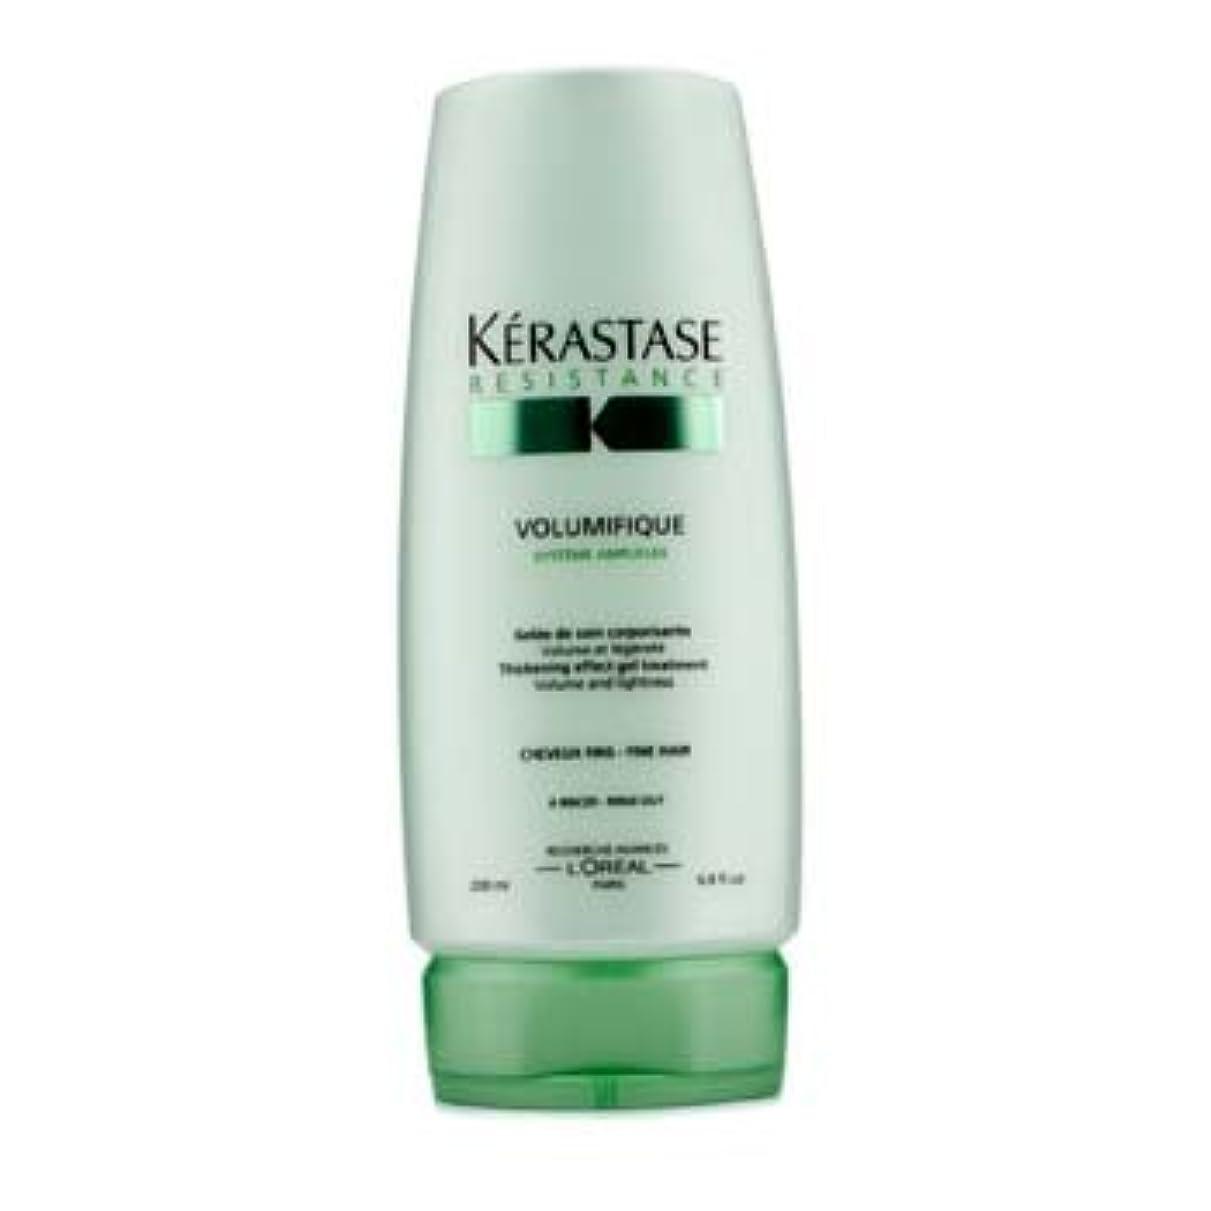 にじみ出る人質自然ケラスターゼ Resistance Volumifique Thickening Effect Gel Treatment (For Fine Hair) 200ml/6.8oz並行輸入品